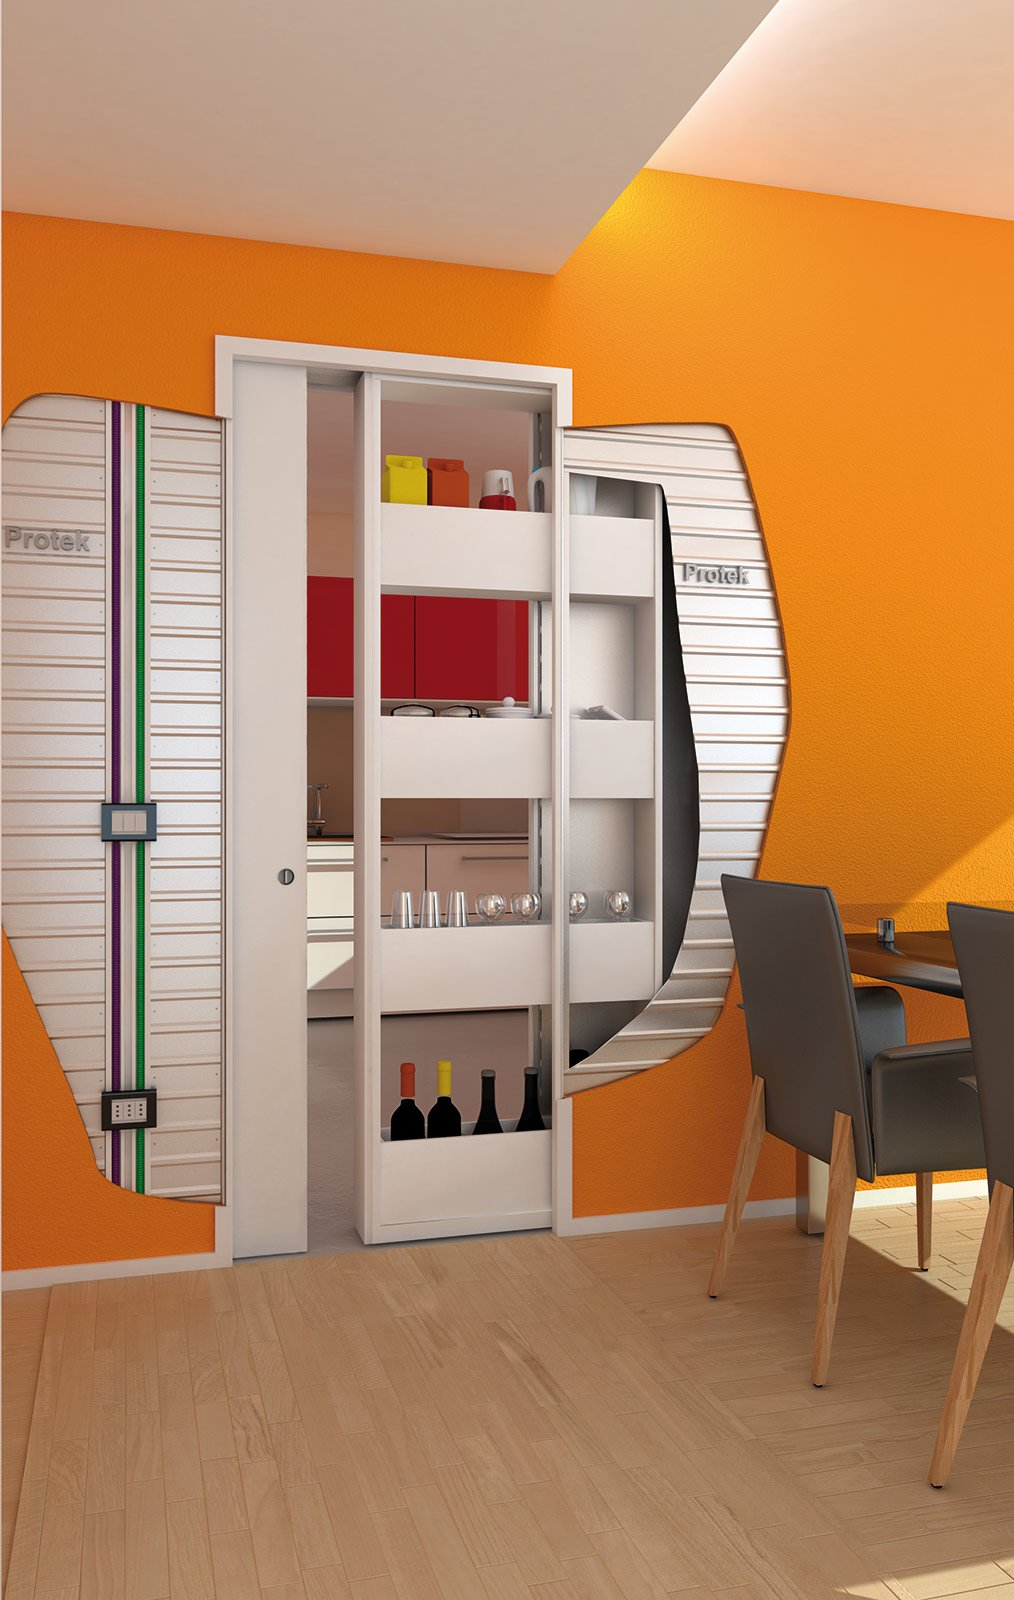 Controtelaio con contenitore cose di casa - Coibentare una parete interna ...